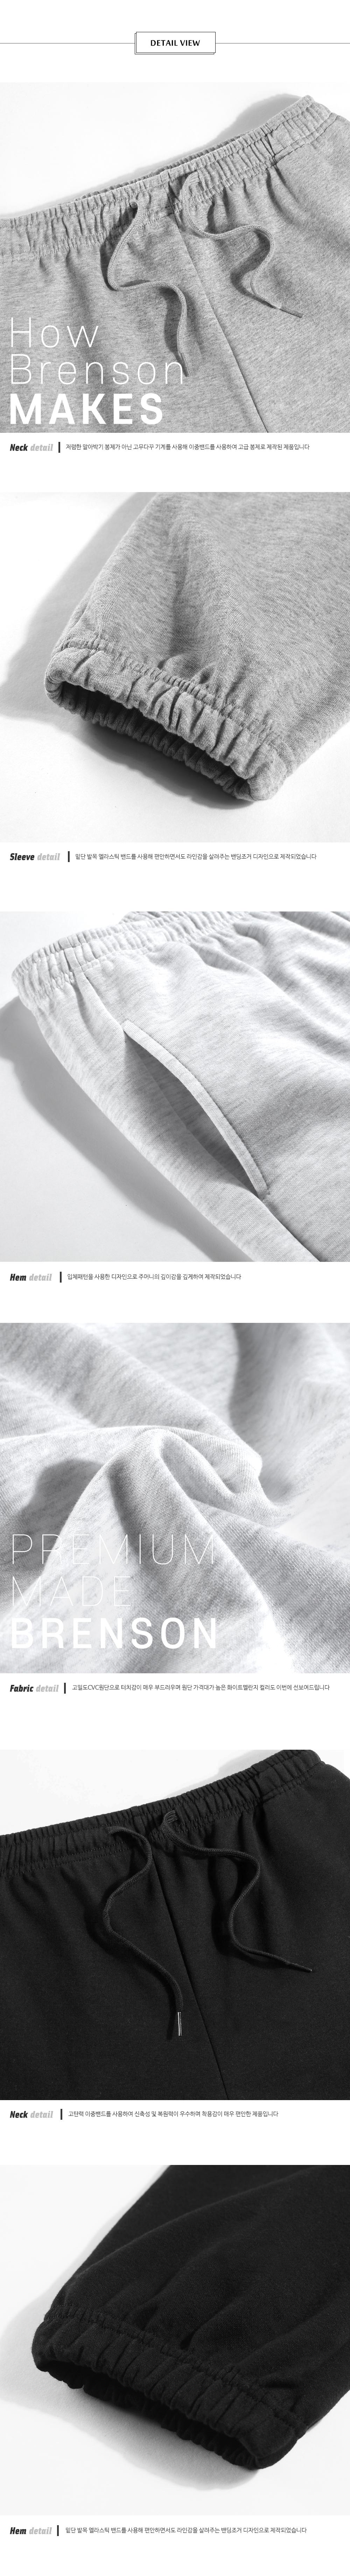 브렌슨 (1+1) 루즈핏 조거 트레이닝 스웨트 팬츠 3컬러